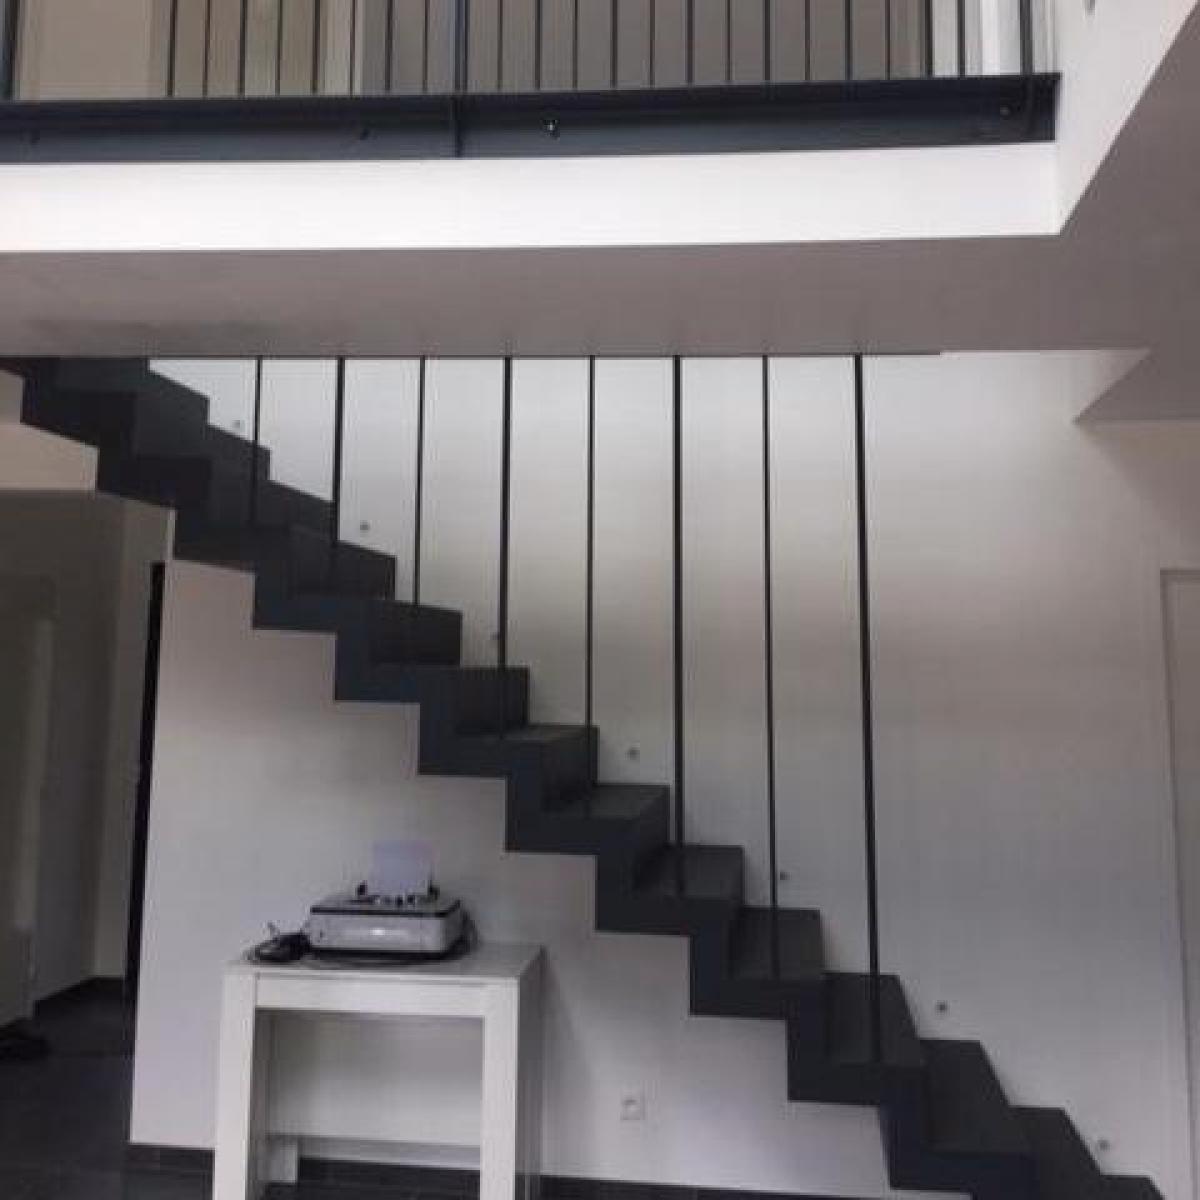 Escalier fini et posé<br>